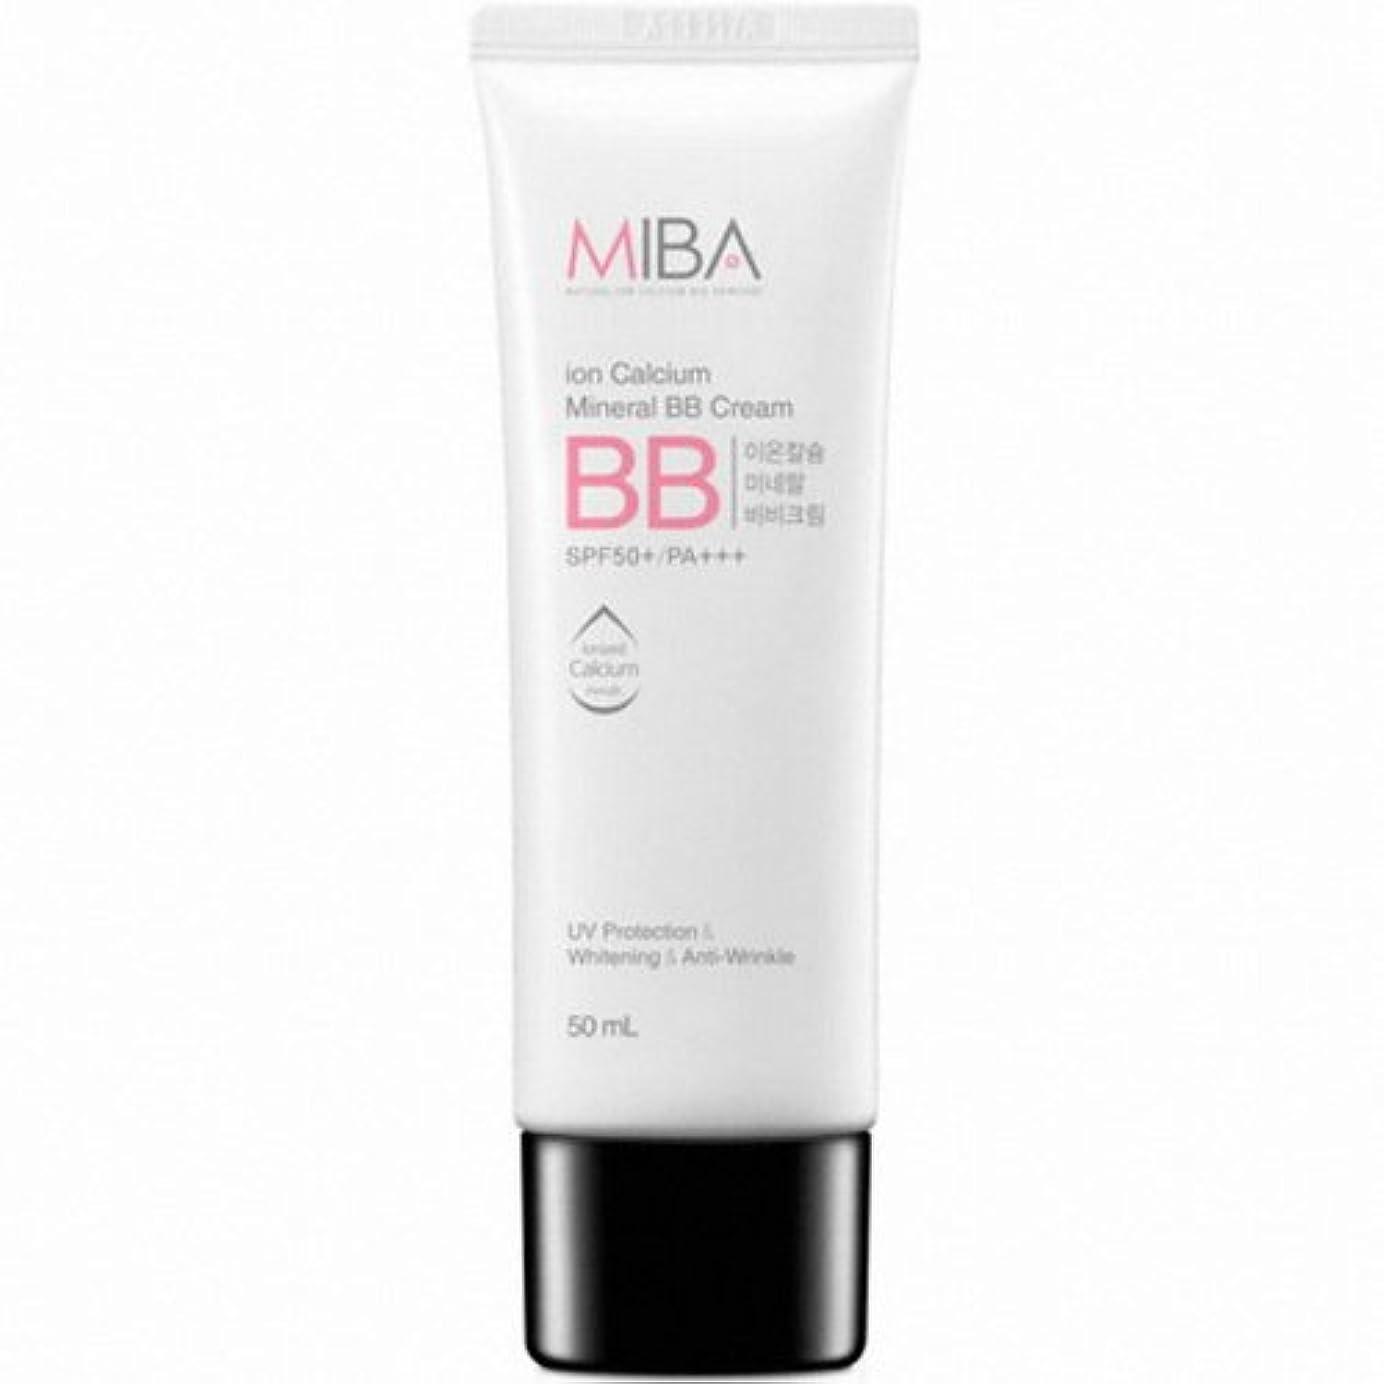 繊維フラスコ保育園MINERALBIO (ミネラルバイオ) ミバ イオン カルシウム ミネラル ビビクリーム / MIBA Ion Calcium Mineral BB Cream (50ml) [並行輸入品]